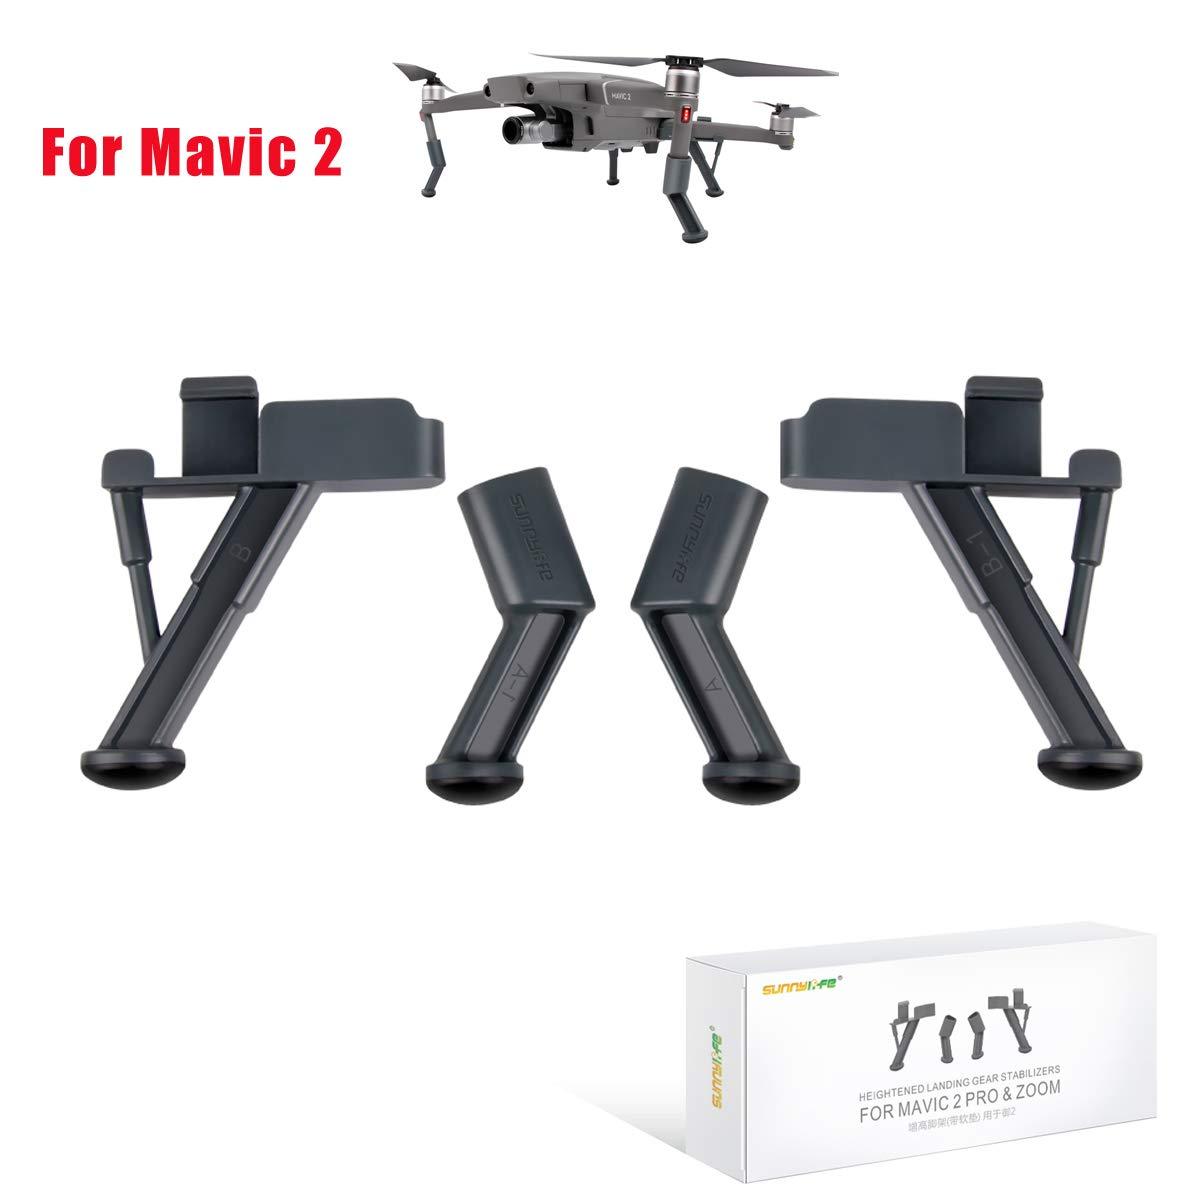 JXE - Kit de estabilizadores para dji Mavic 2 Pro y Zoom Drone ...